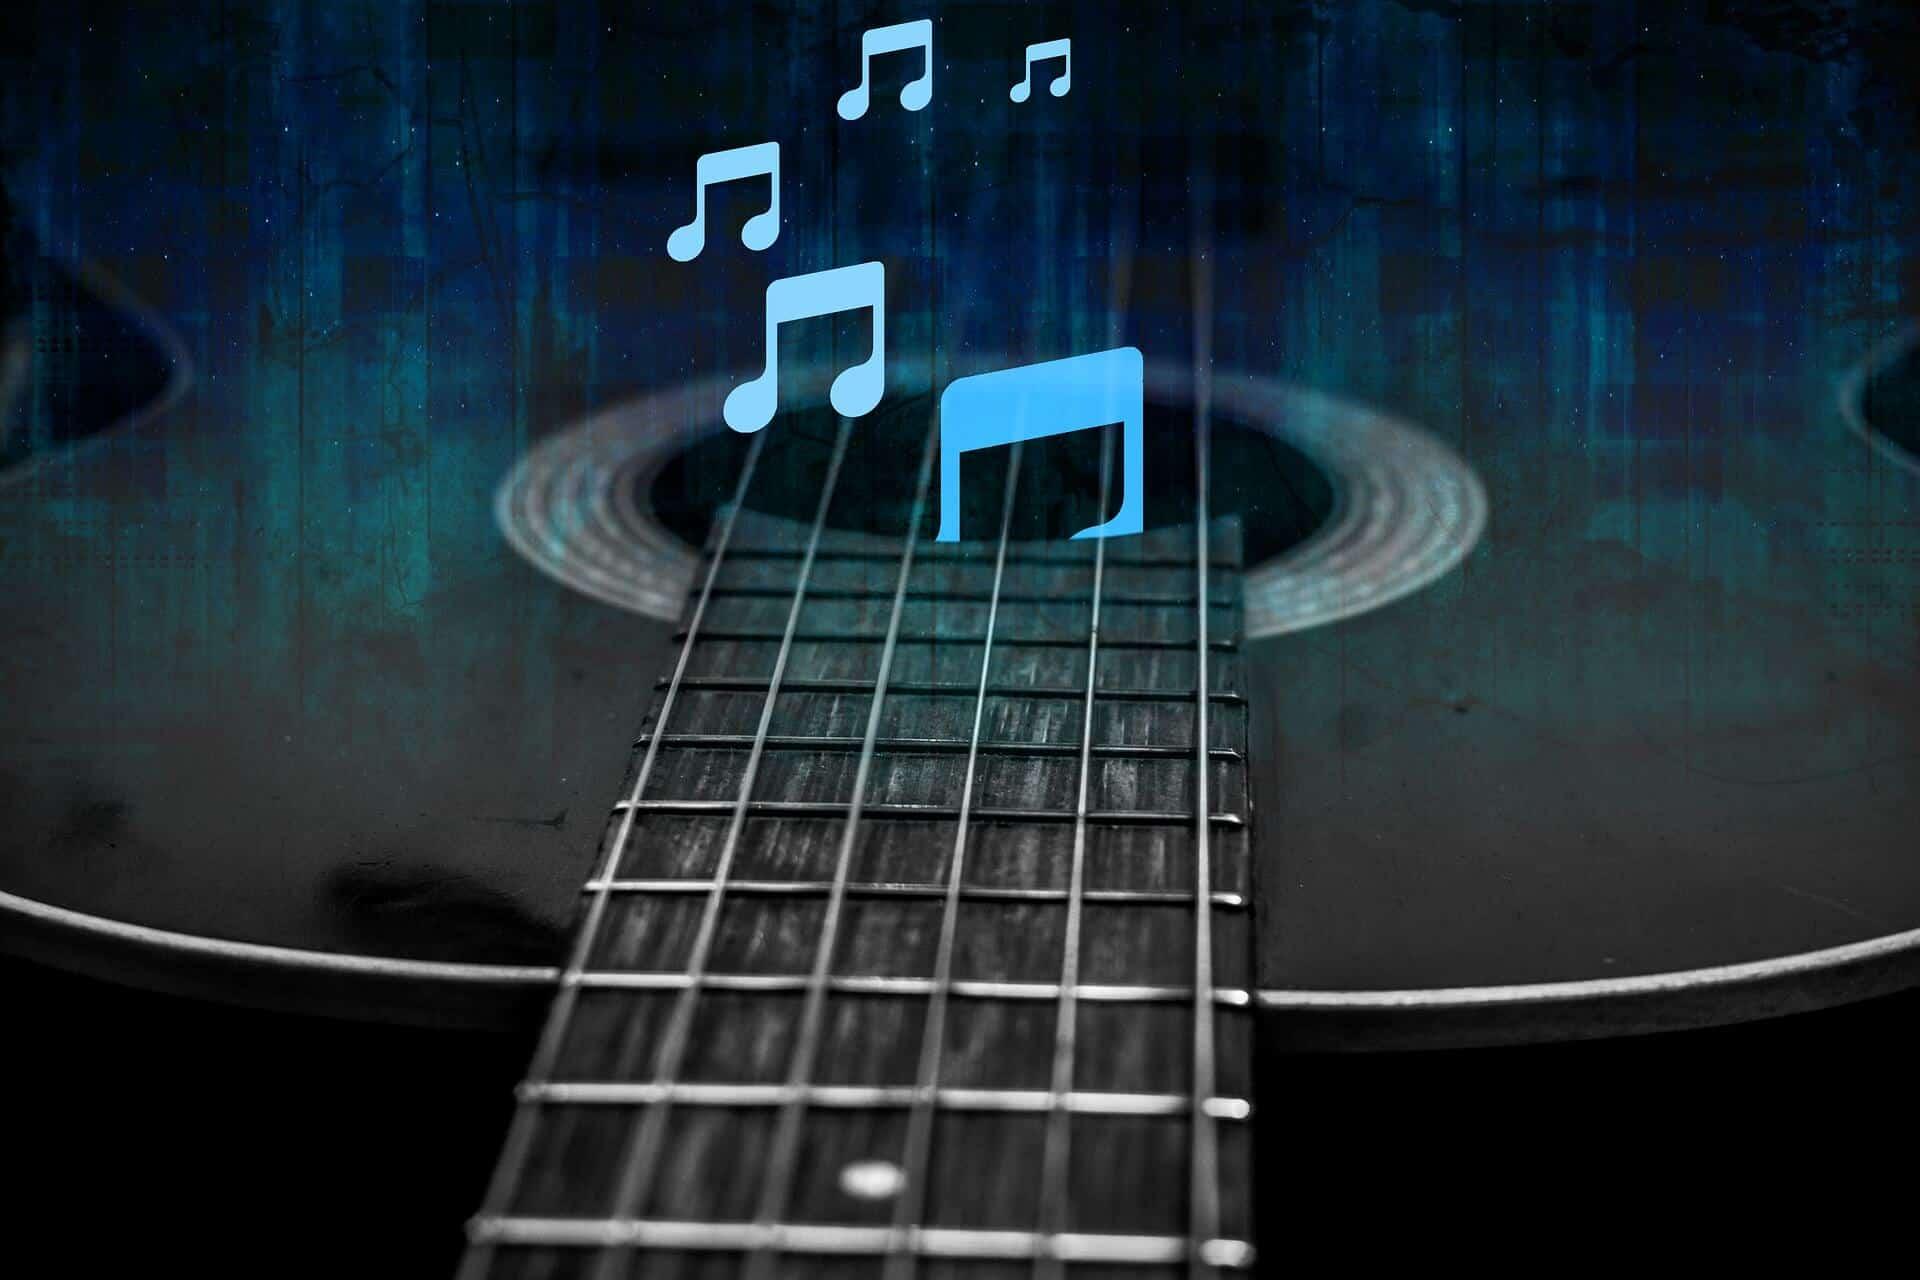 חמישה טיפים לקניית גיטרה- גיטרה מעץ אקוסטי